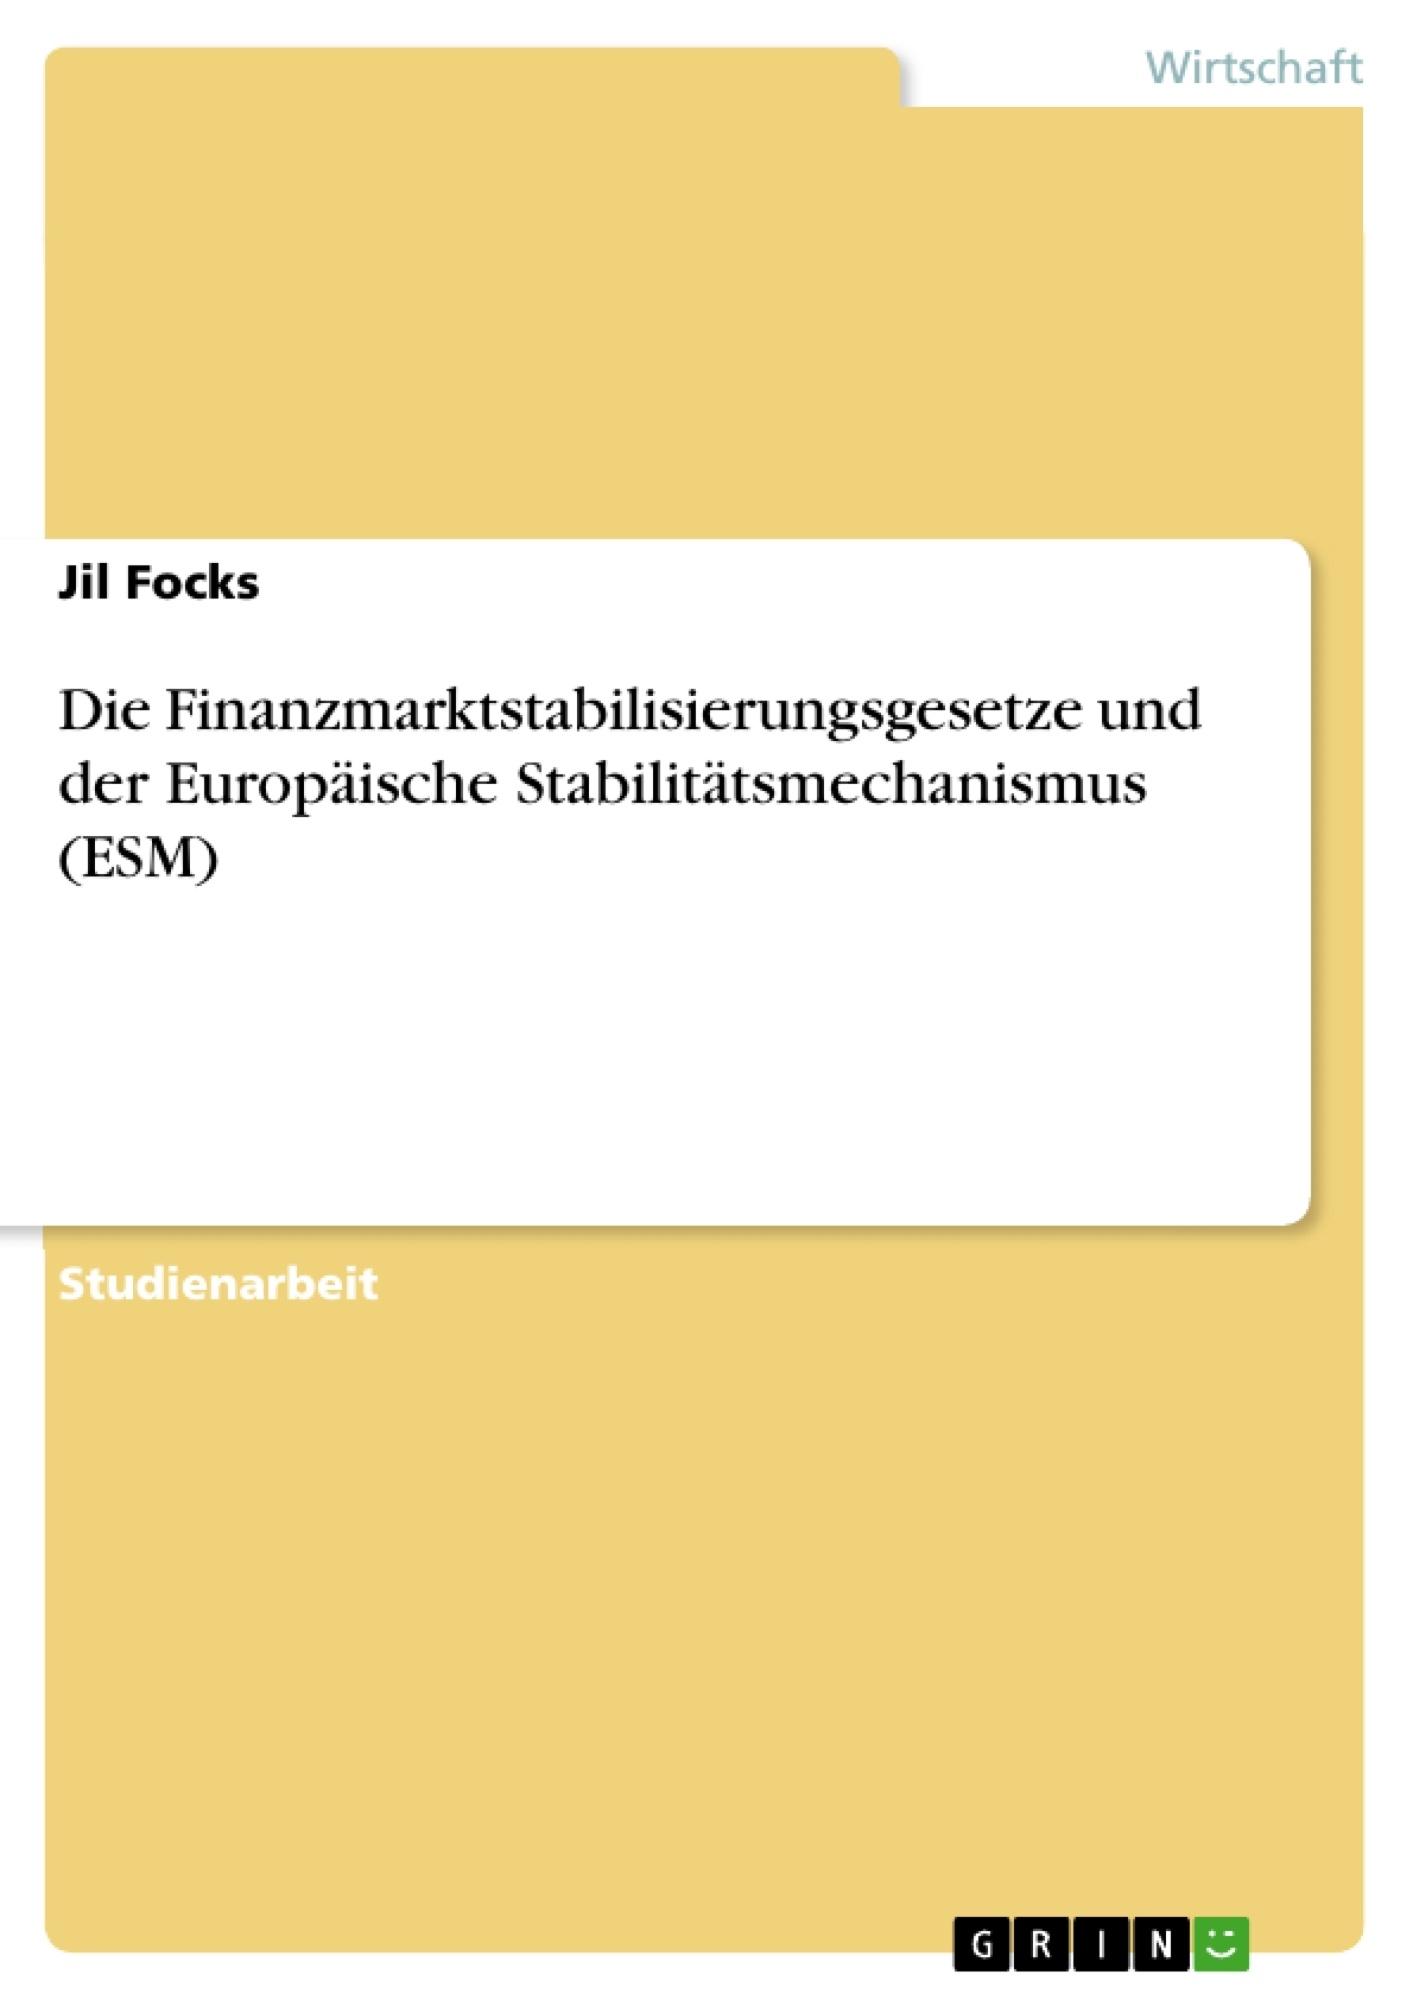 Titel: Die Finanzmarktstabilisierungsgesetze und der Europäische Stabilitätsmechanismus (ESM)